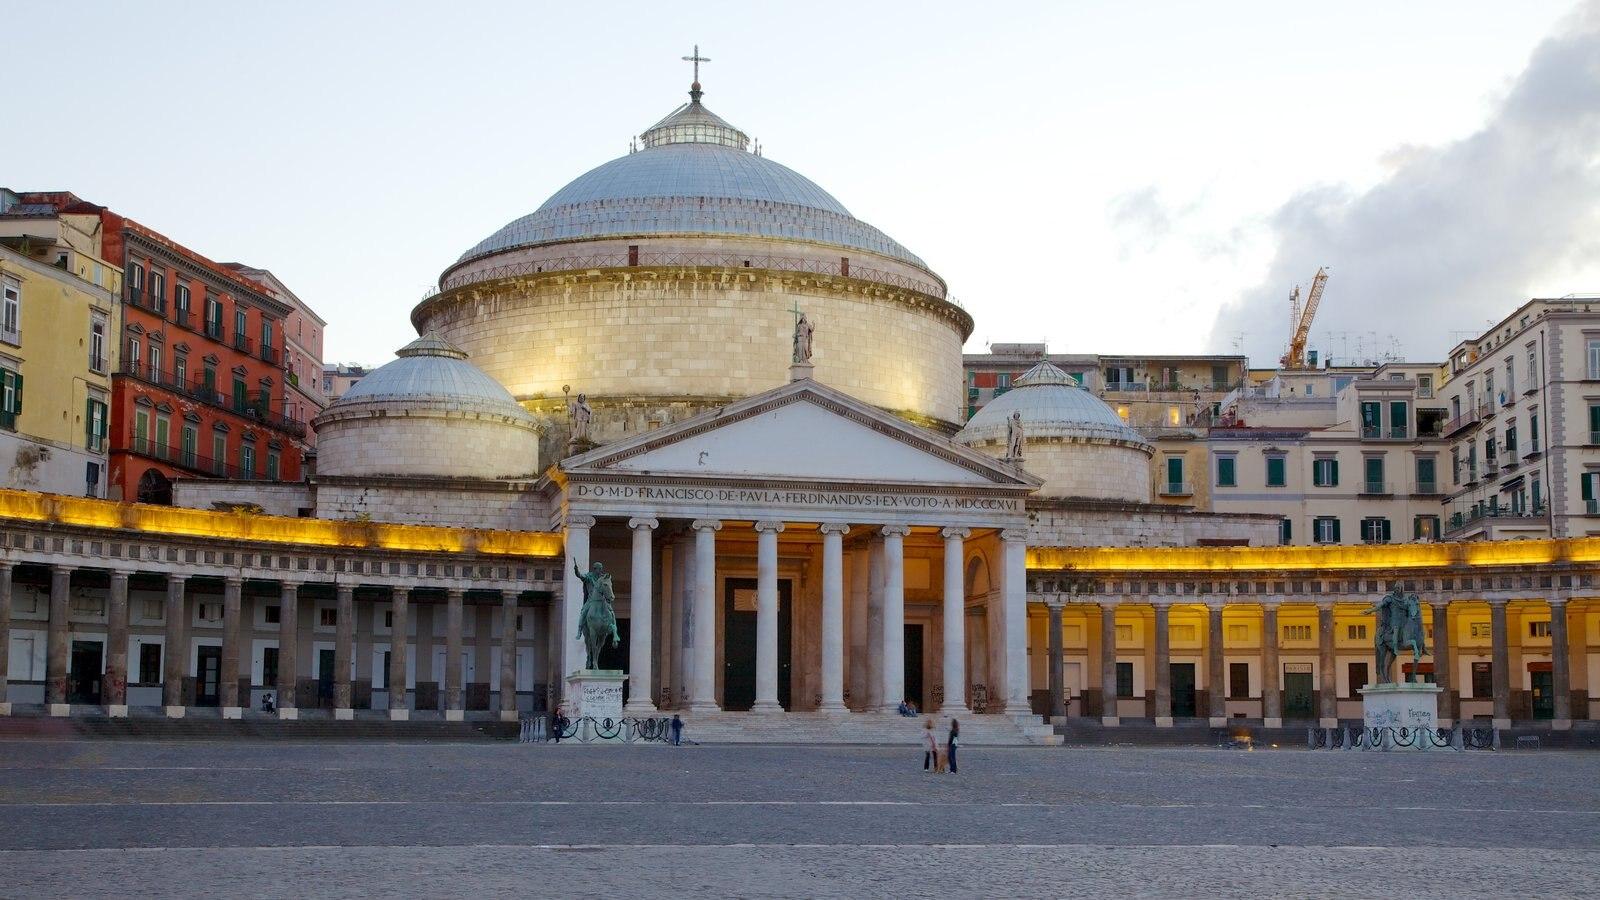 San Francesco di Paola mostrando uma igreja ou catedral e cenas de rua